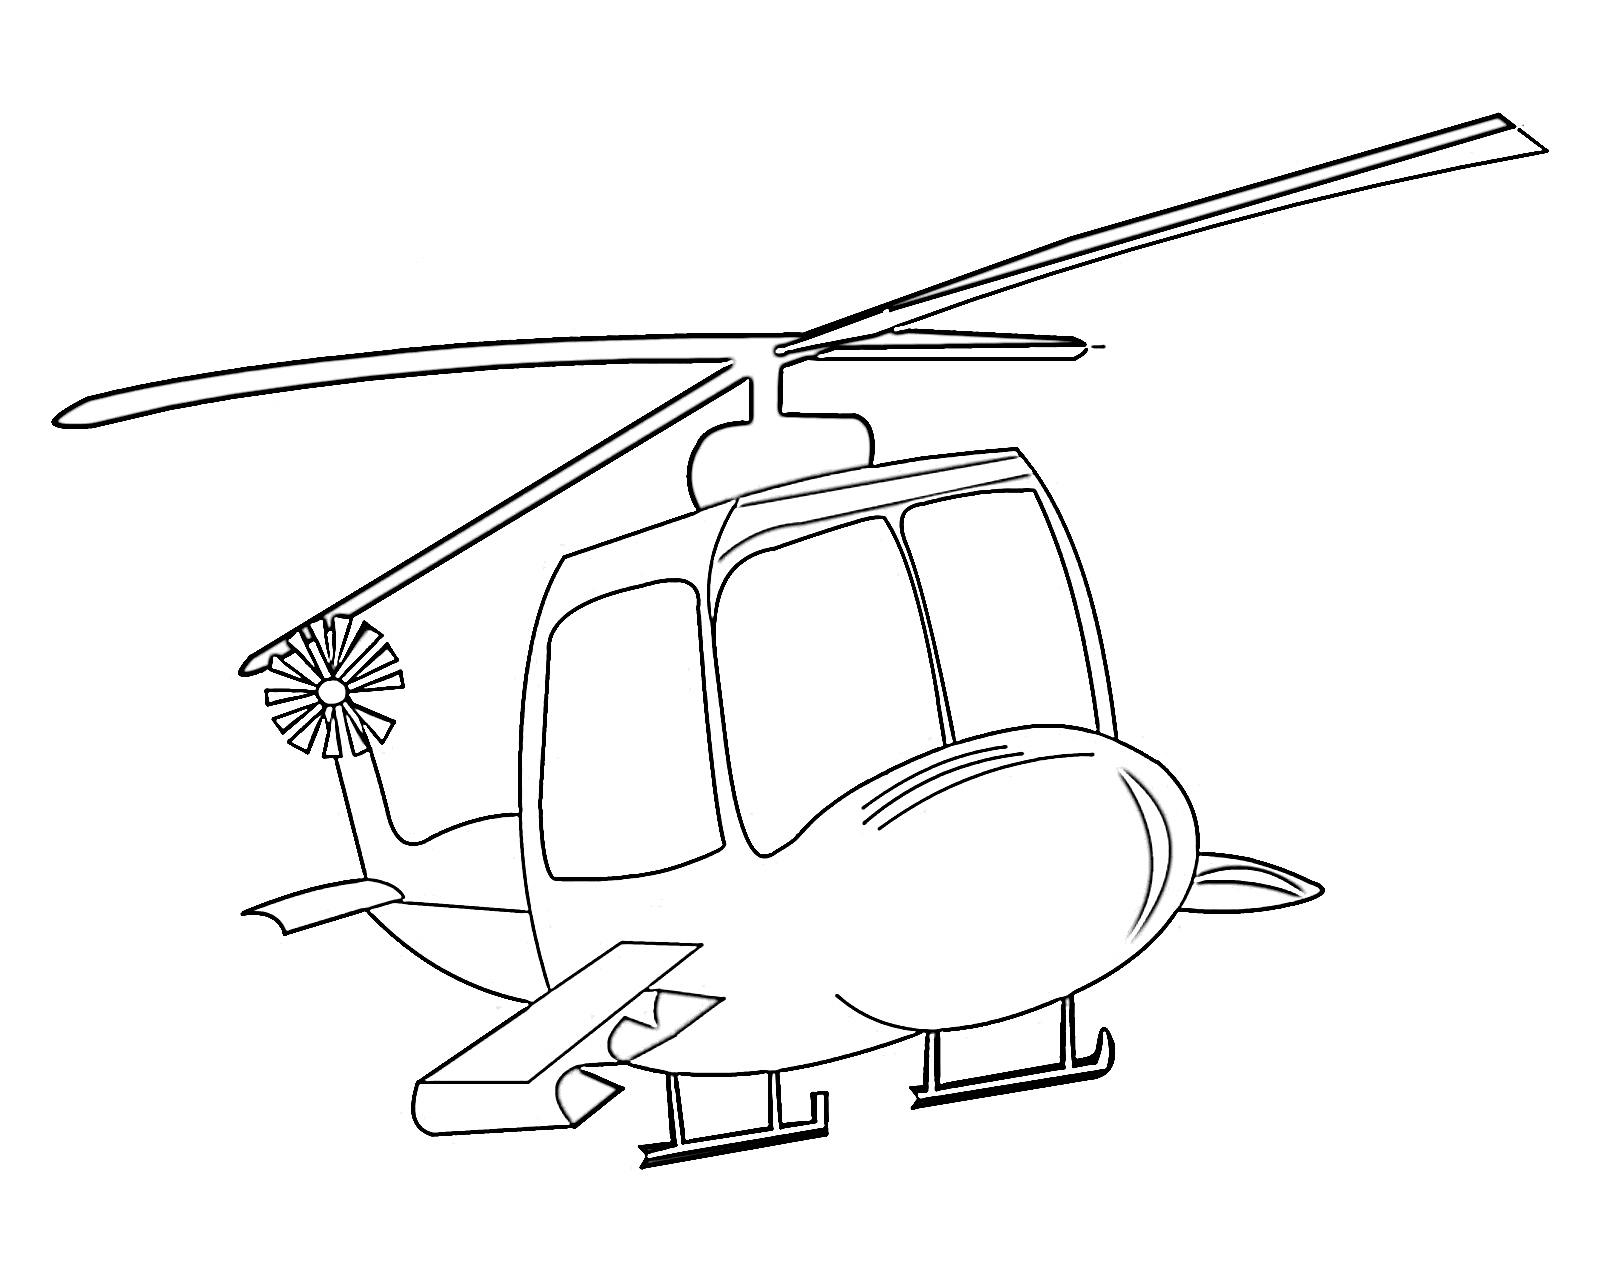 Tranh tô màu chủ đề máy bay trực thăng